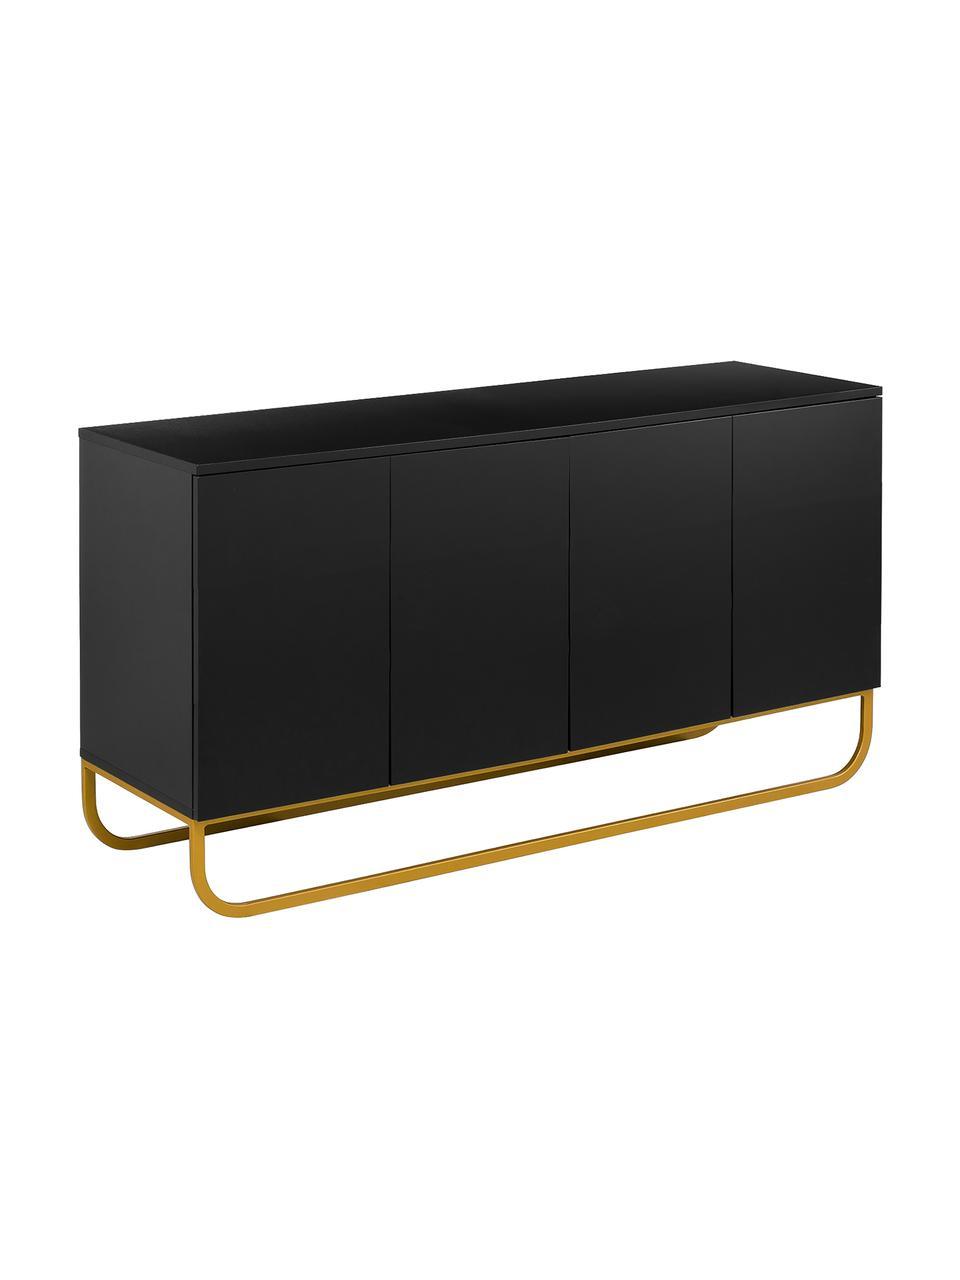 Credenza classica nera con ante Sanford, Corpo: nero opaco base: dorato opaco, Larg. 160 x Alt. 83 cm